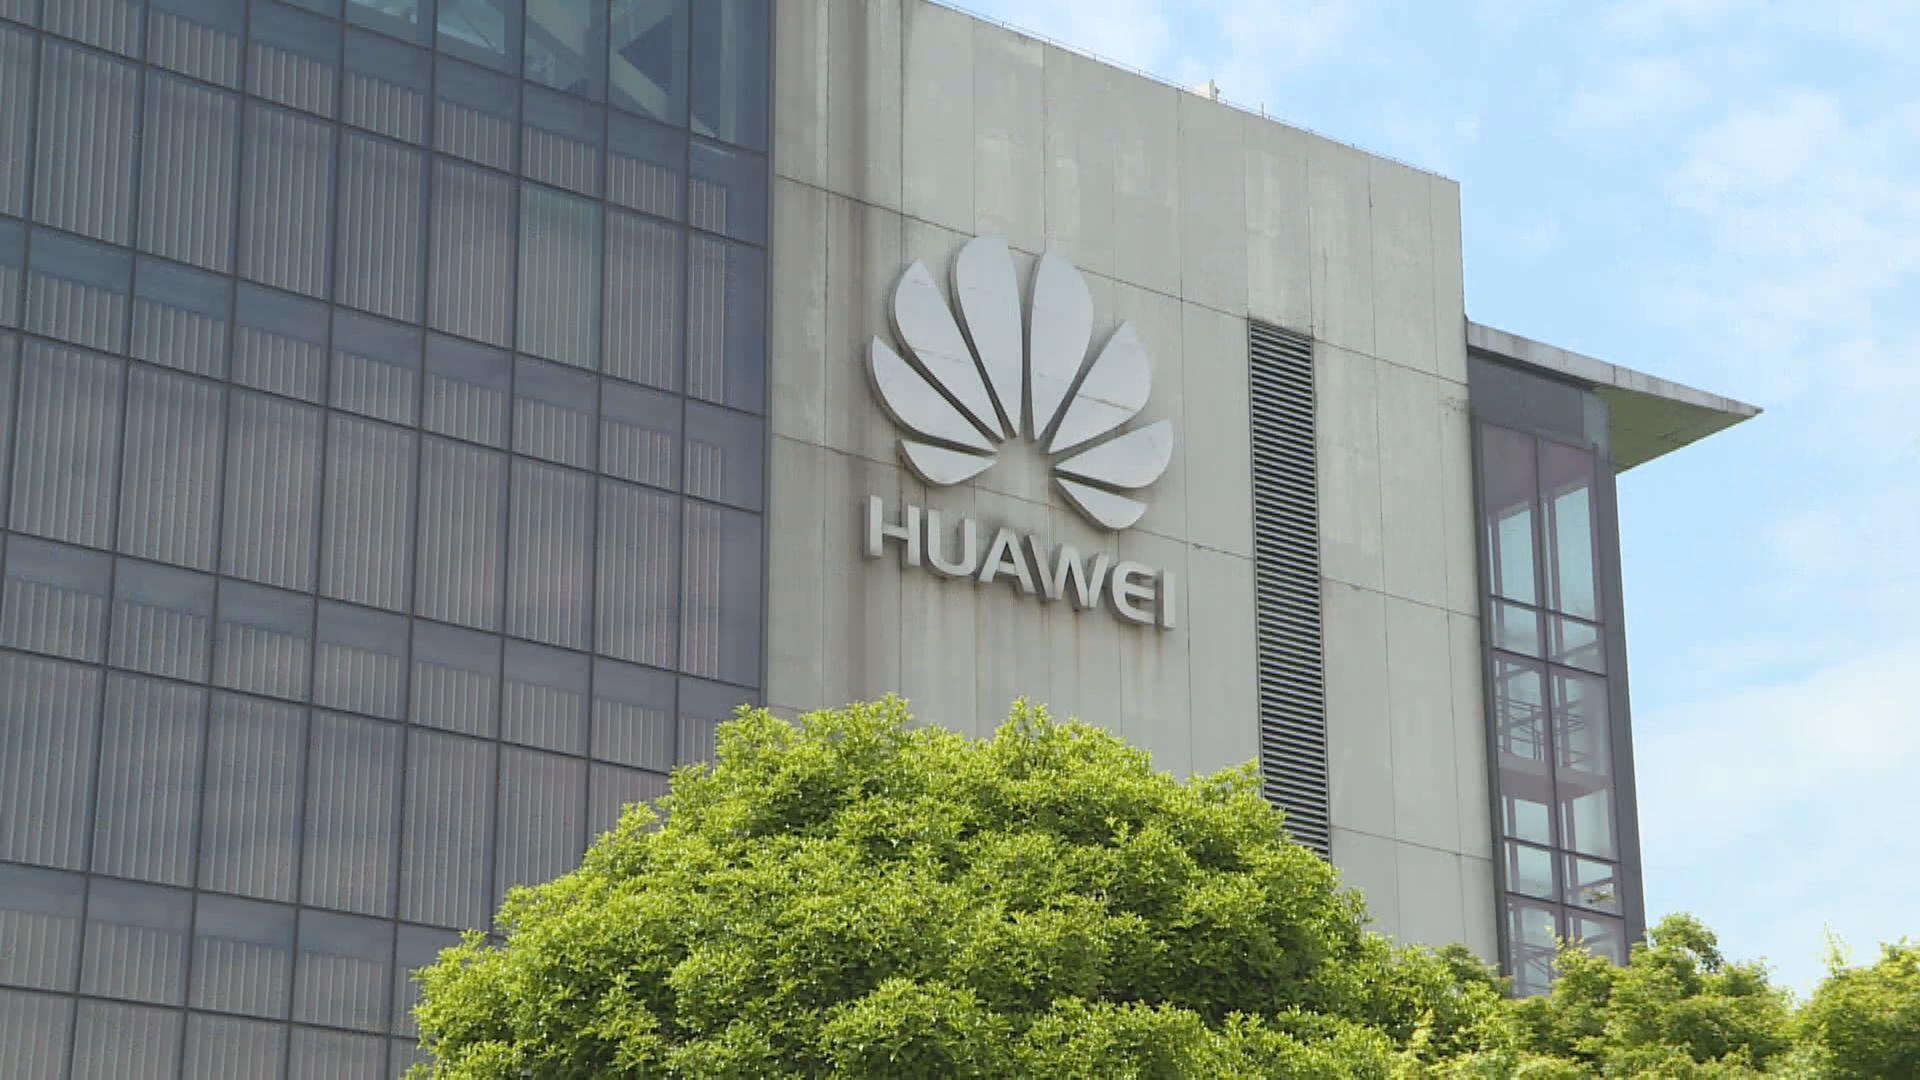 報道:美國容許更多企業向華為供應非5G用零部件